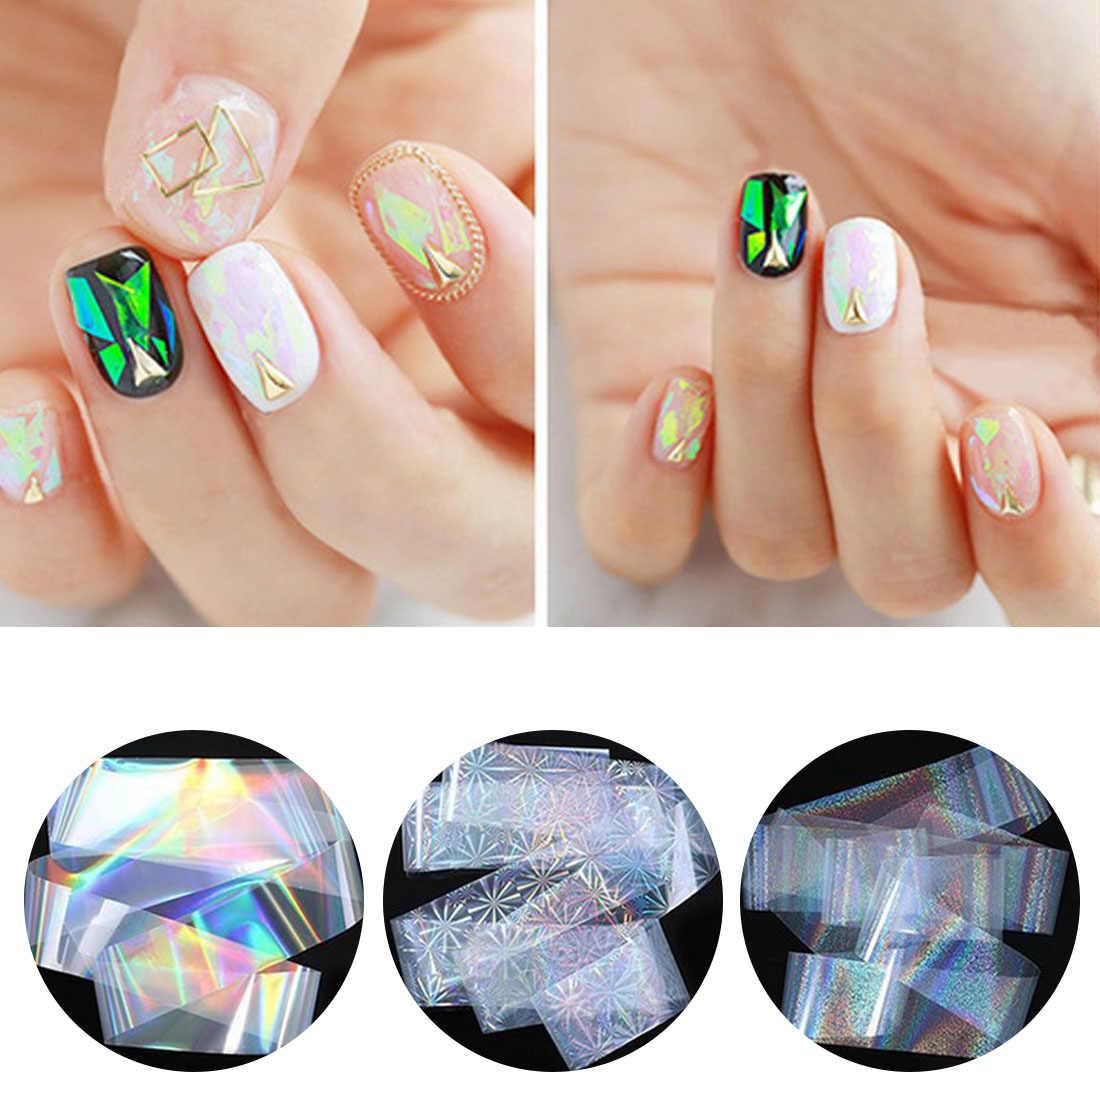 4*120 см Лазерная Фольга для ногтей Firworks голографическая прозрачная рефракция маникюрный дизайн ногтей декорации Lucency 8 узоров Звездные наклейки